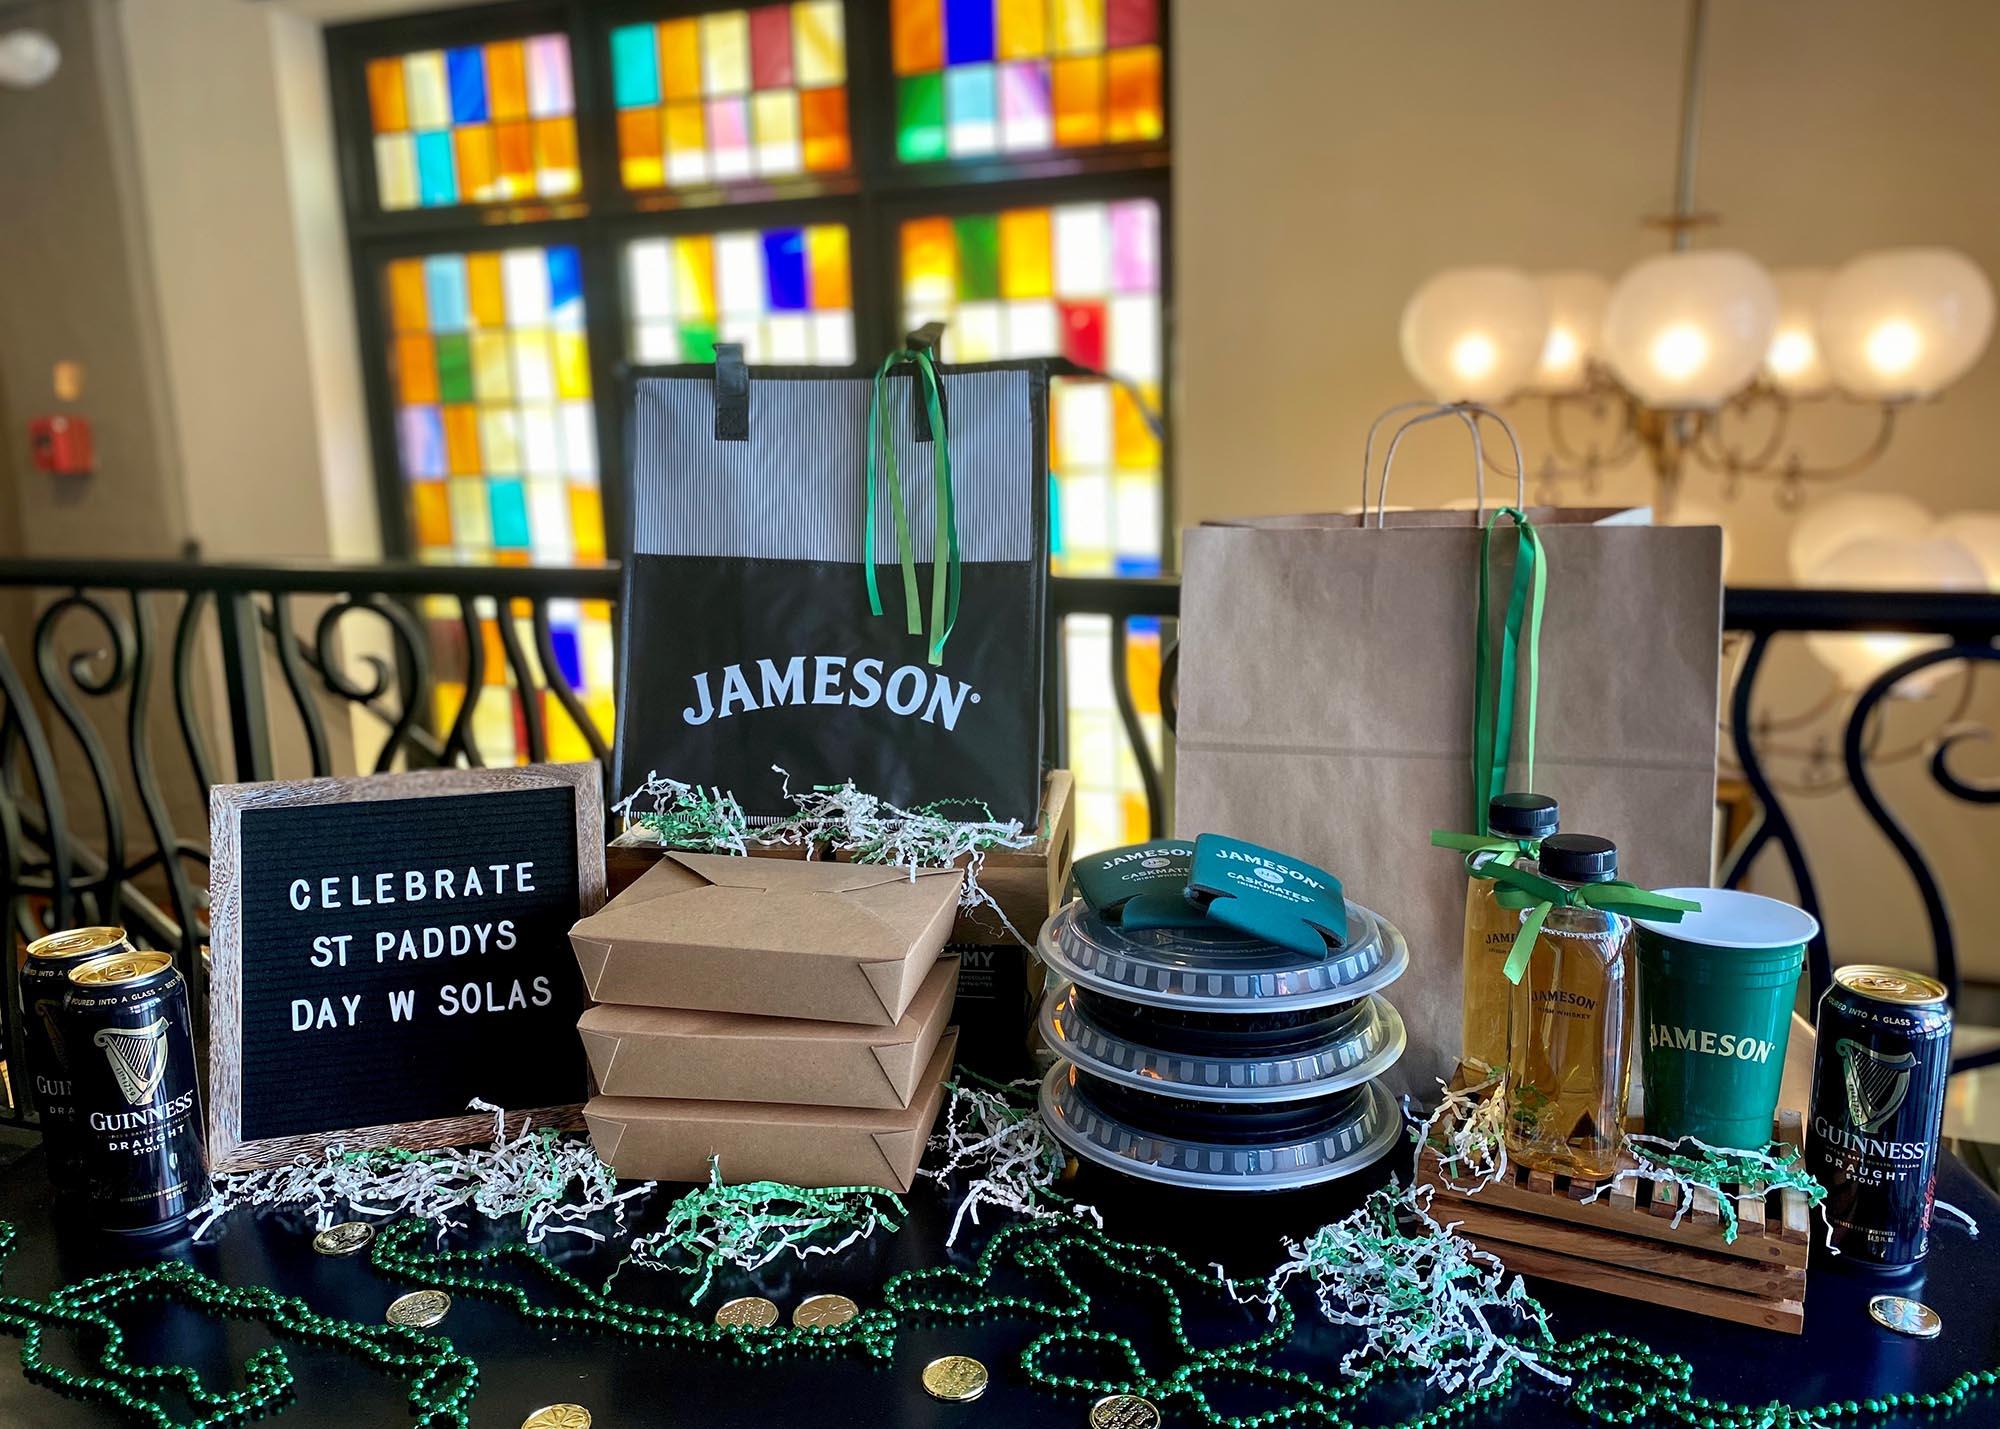 St. Patrick's Day takeout kits at Sólás